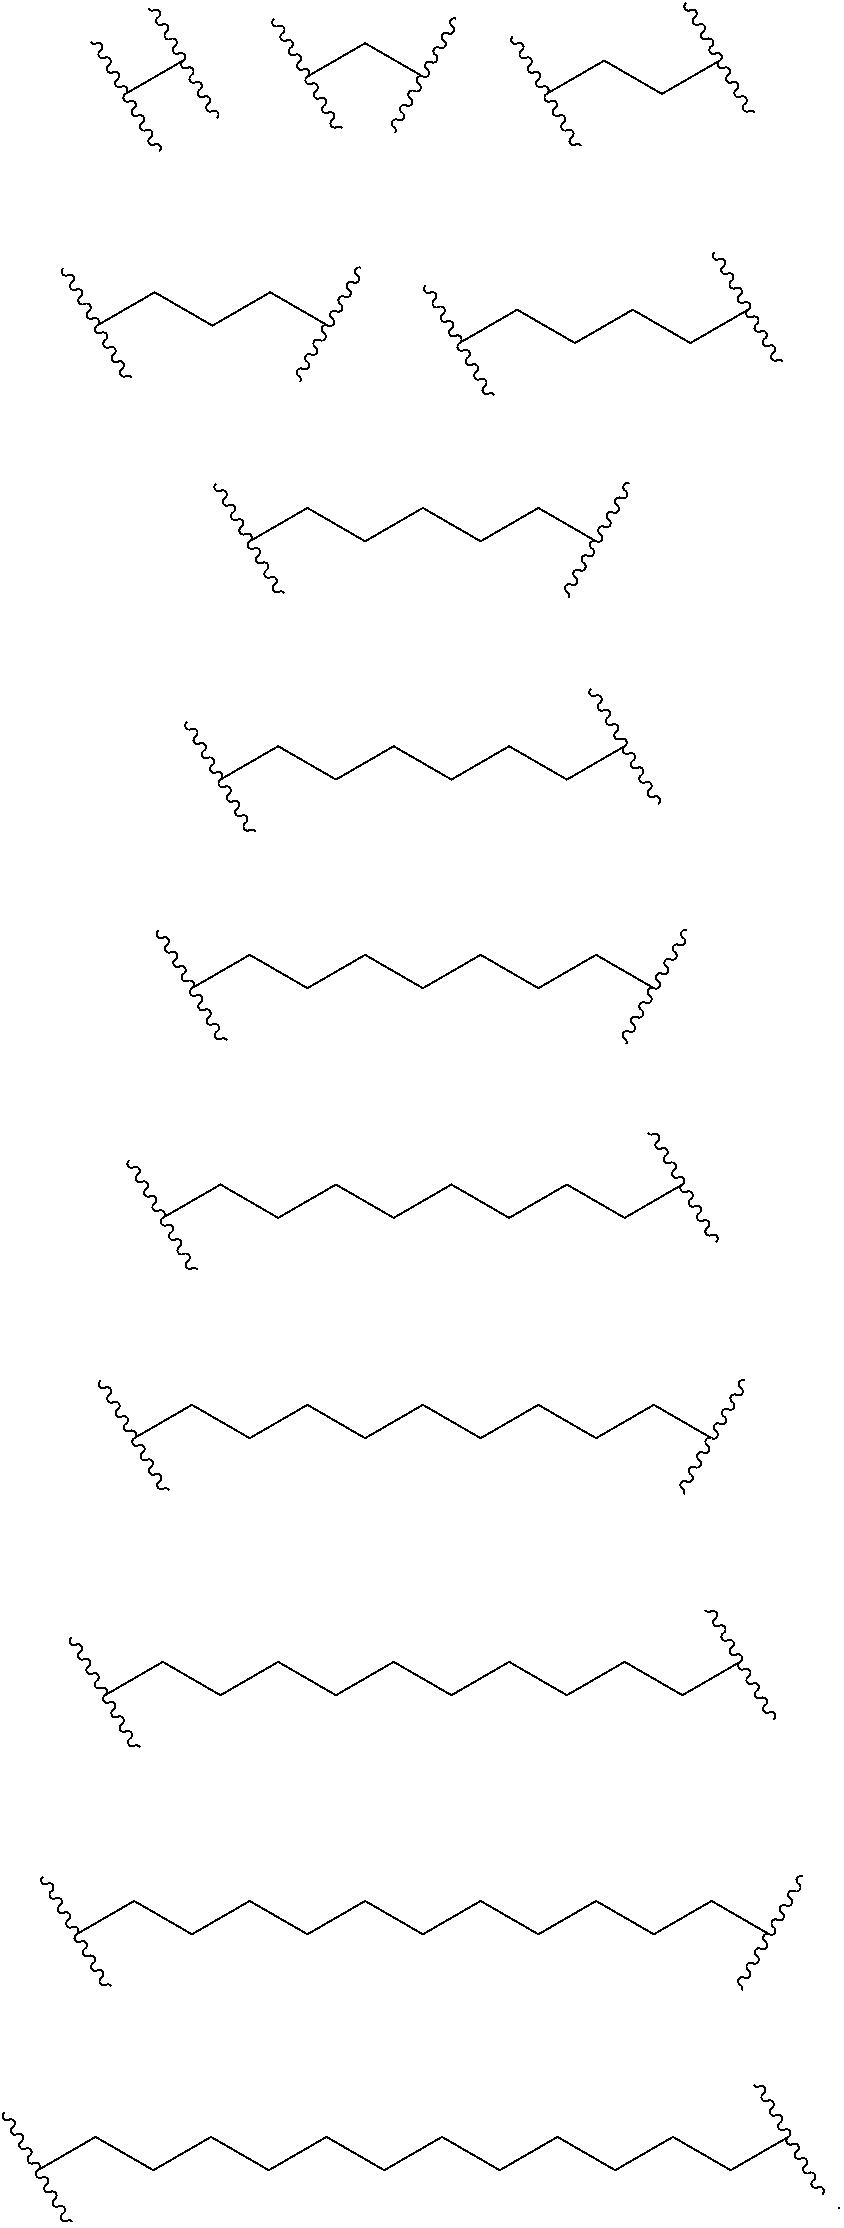 Figure US09340786-20160517-C00019